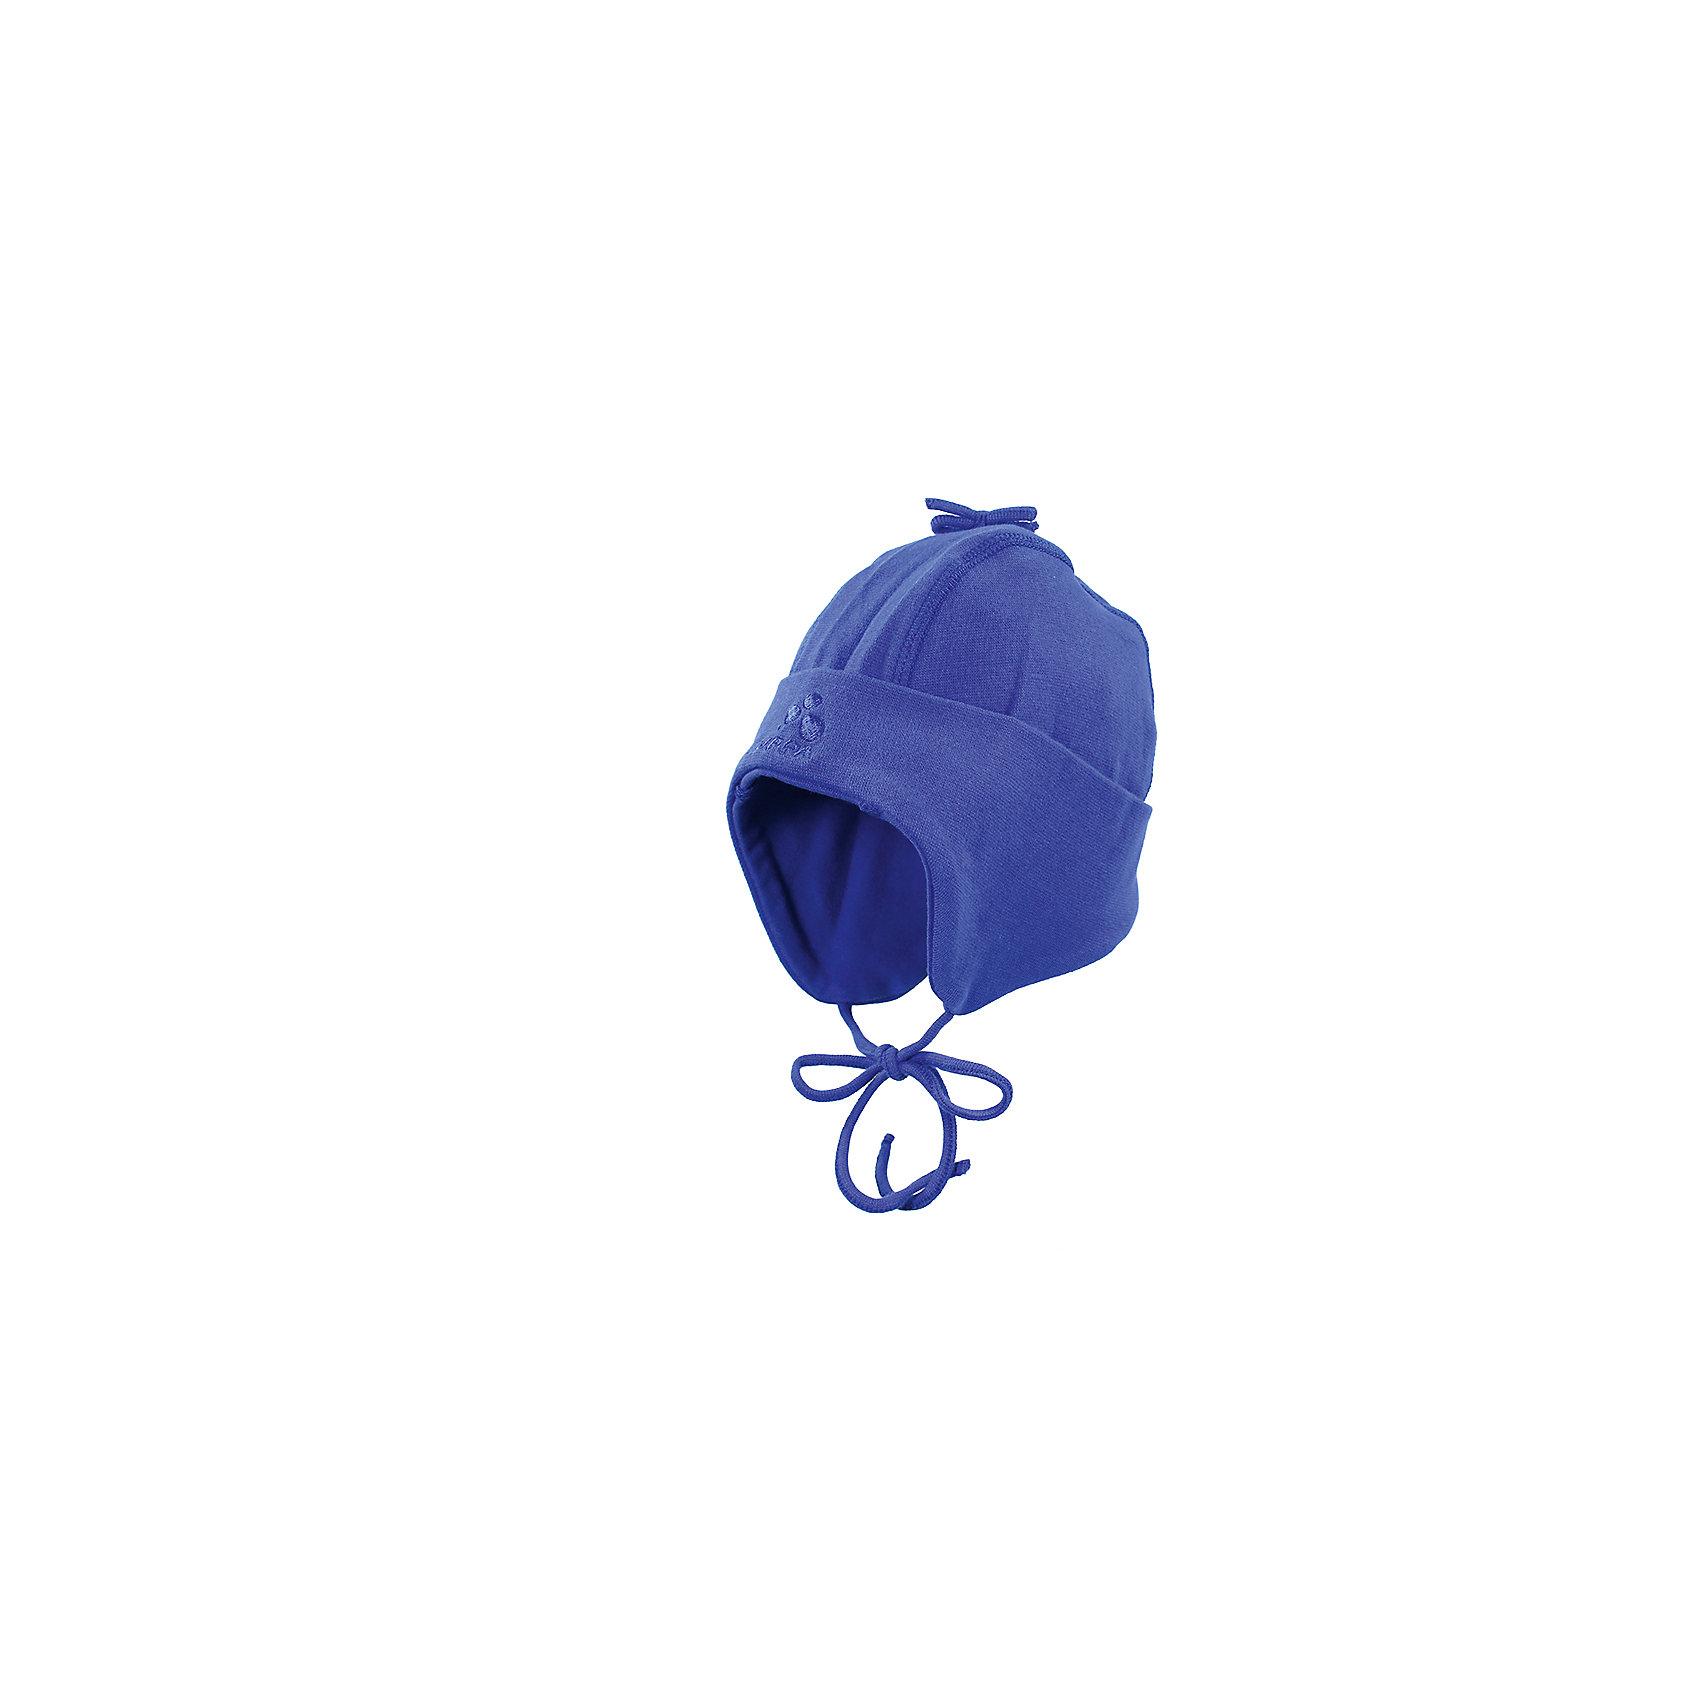 Шапка для мальчика HuppaШапочки<br>Дополнительная информация:<br><br><br>Ткань: 95% хлопок, 5% эластан<br><br>Шапку для мальчика Huppa можно купить в нашем магазине.<br><br>Ширина мм: 89<br>Глубина мм: 117<br>Высота мм: 44<br>Вес г: 155<br>Цвет: голубой<br>Возраст от месяцев: 12<br>Возраст до месяцев: 24<br>Пол: Мужской<br>Возраст: Детский<br>Размер: 47-49,39-43,43-45<br>SKU: 4595874